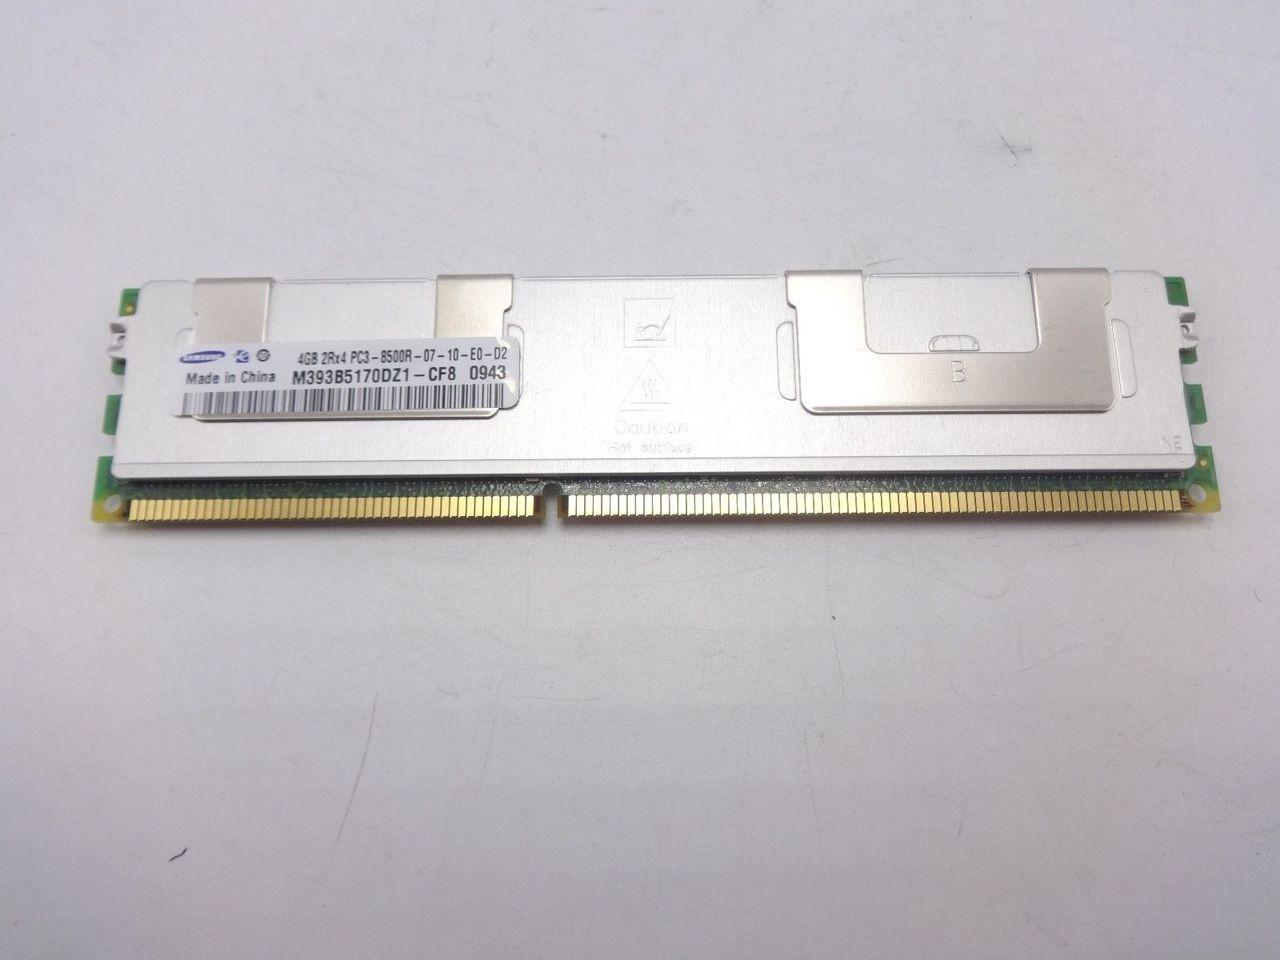 Samsung M393B5170DZ1-CF8 4GB PC3 8500R DDR3 Memory DIMM ***Server memory***